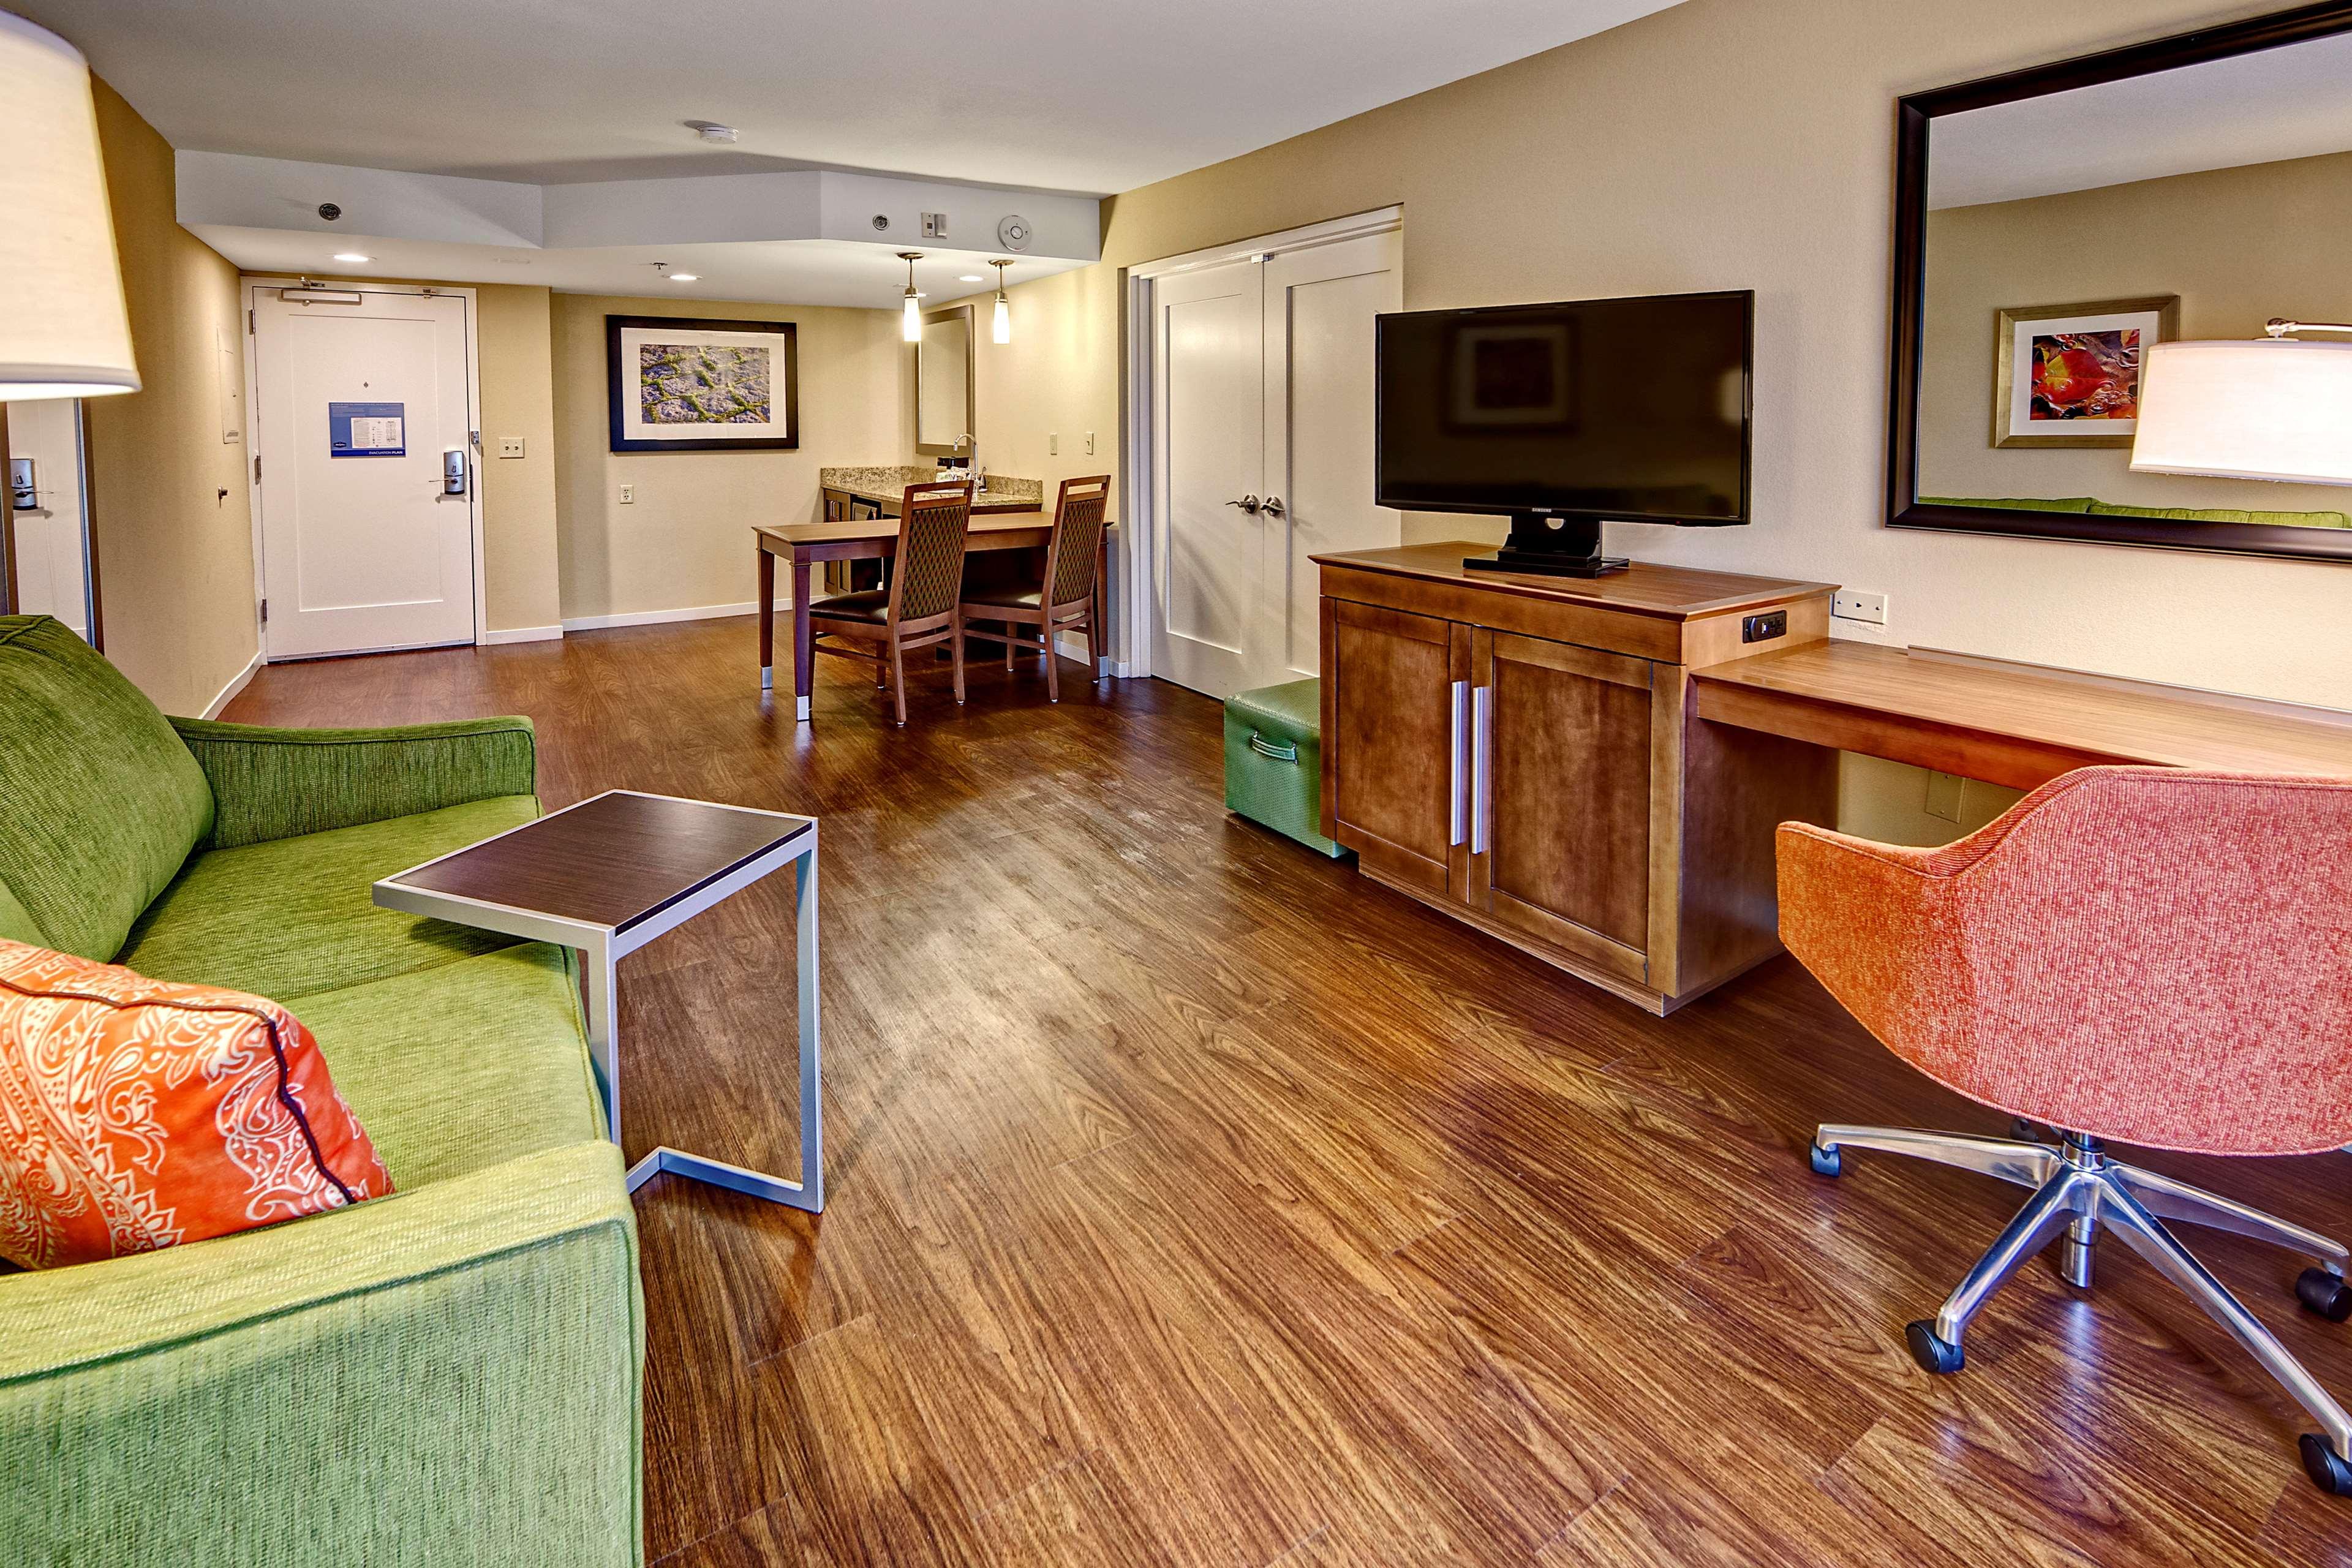 Hampton Inn & Suites Asheville-I-26 image 26